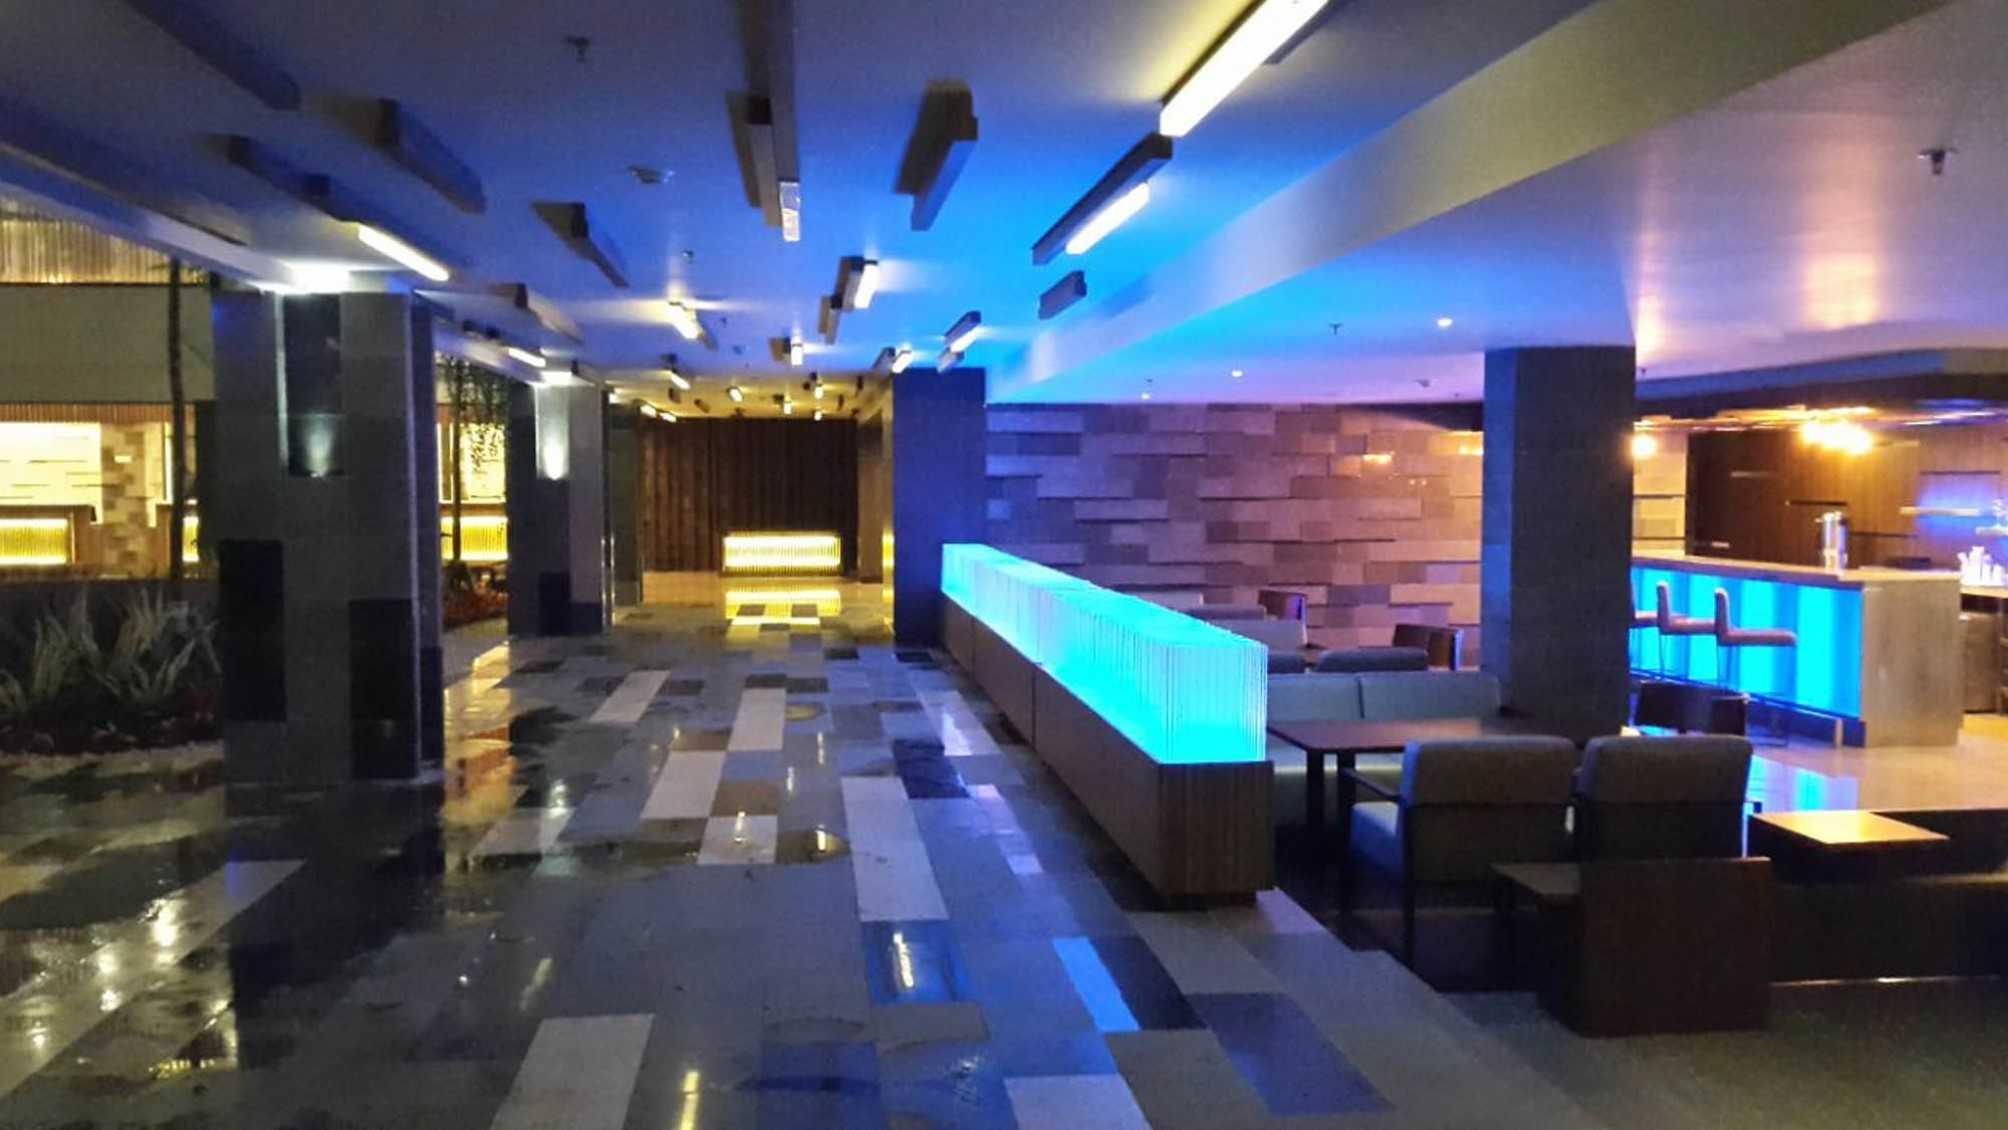 Talenta Interior Hotel Mercure Legian Legian, Kuta, Kabupaten Badung, Bali, Indonesia Legian, Kuta, Kabupaten Badung, Bali, Indonesia Talenta-Interior-Hotel-Mercure-Legian   65504